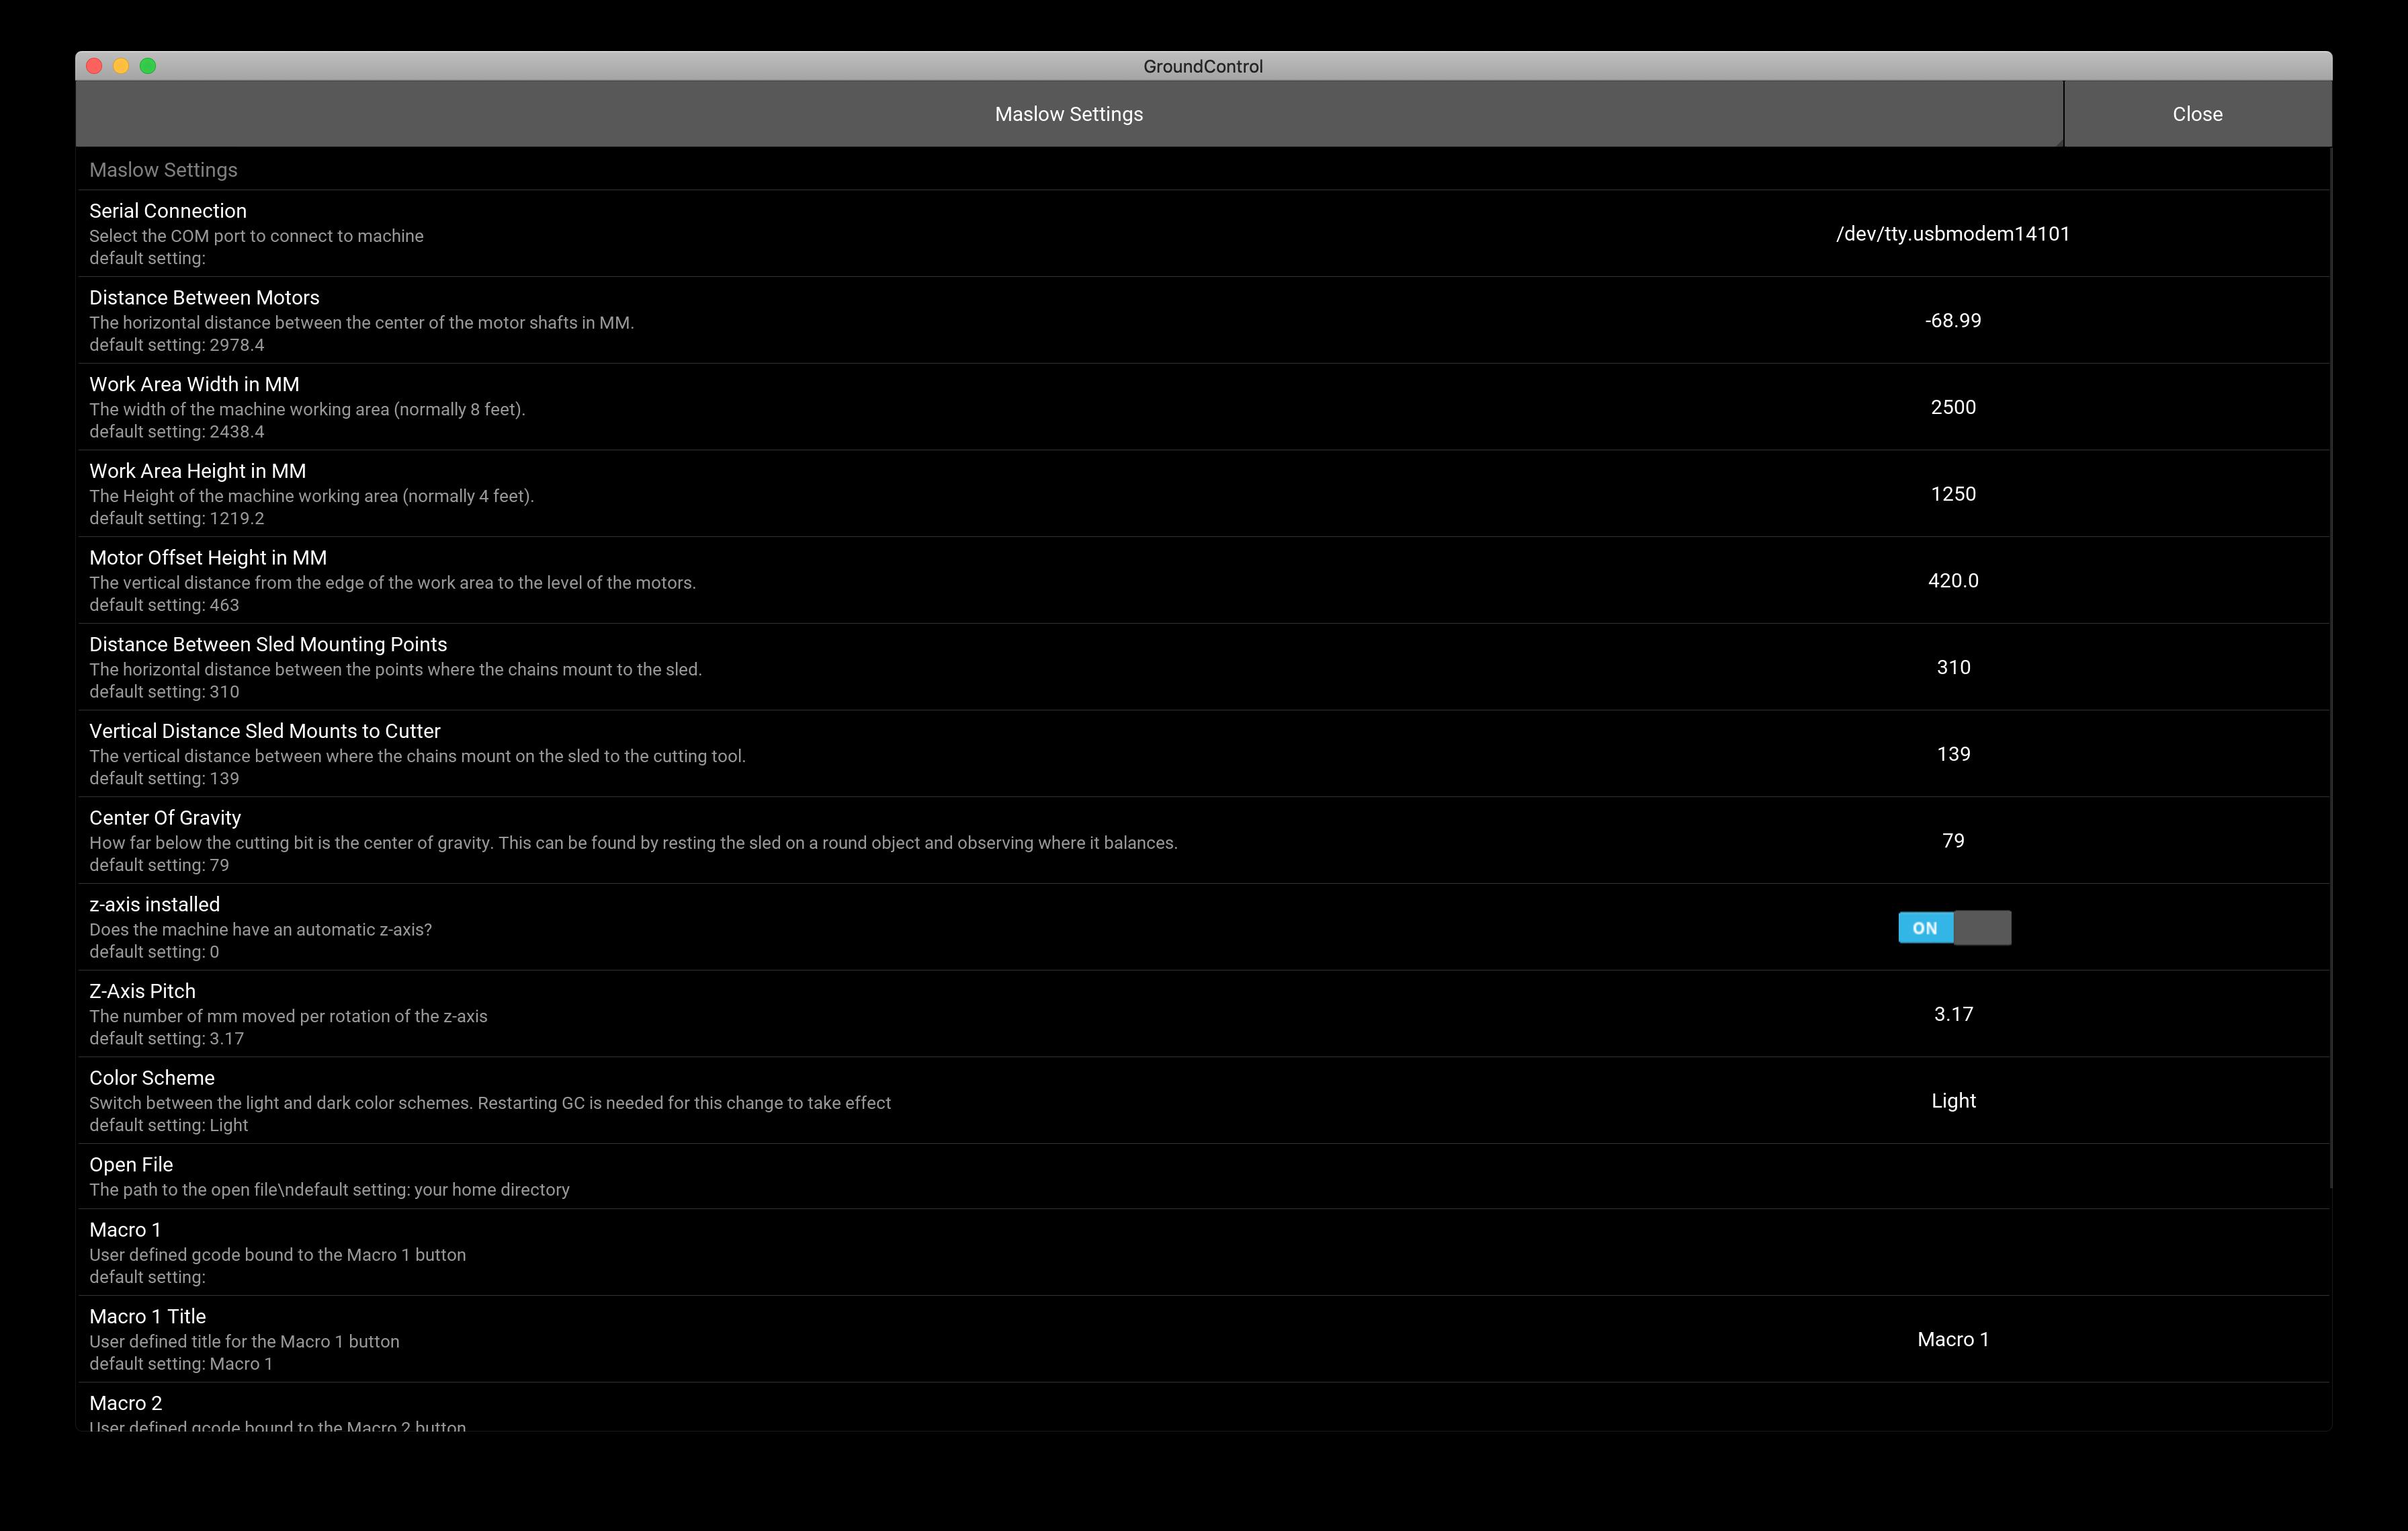 Screenshot 2019-08-23 at 19 36 40